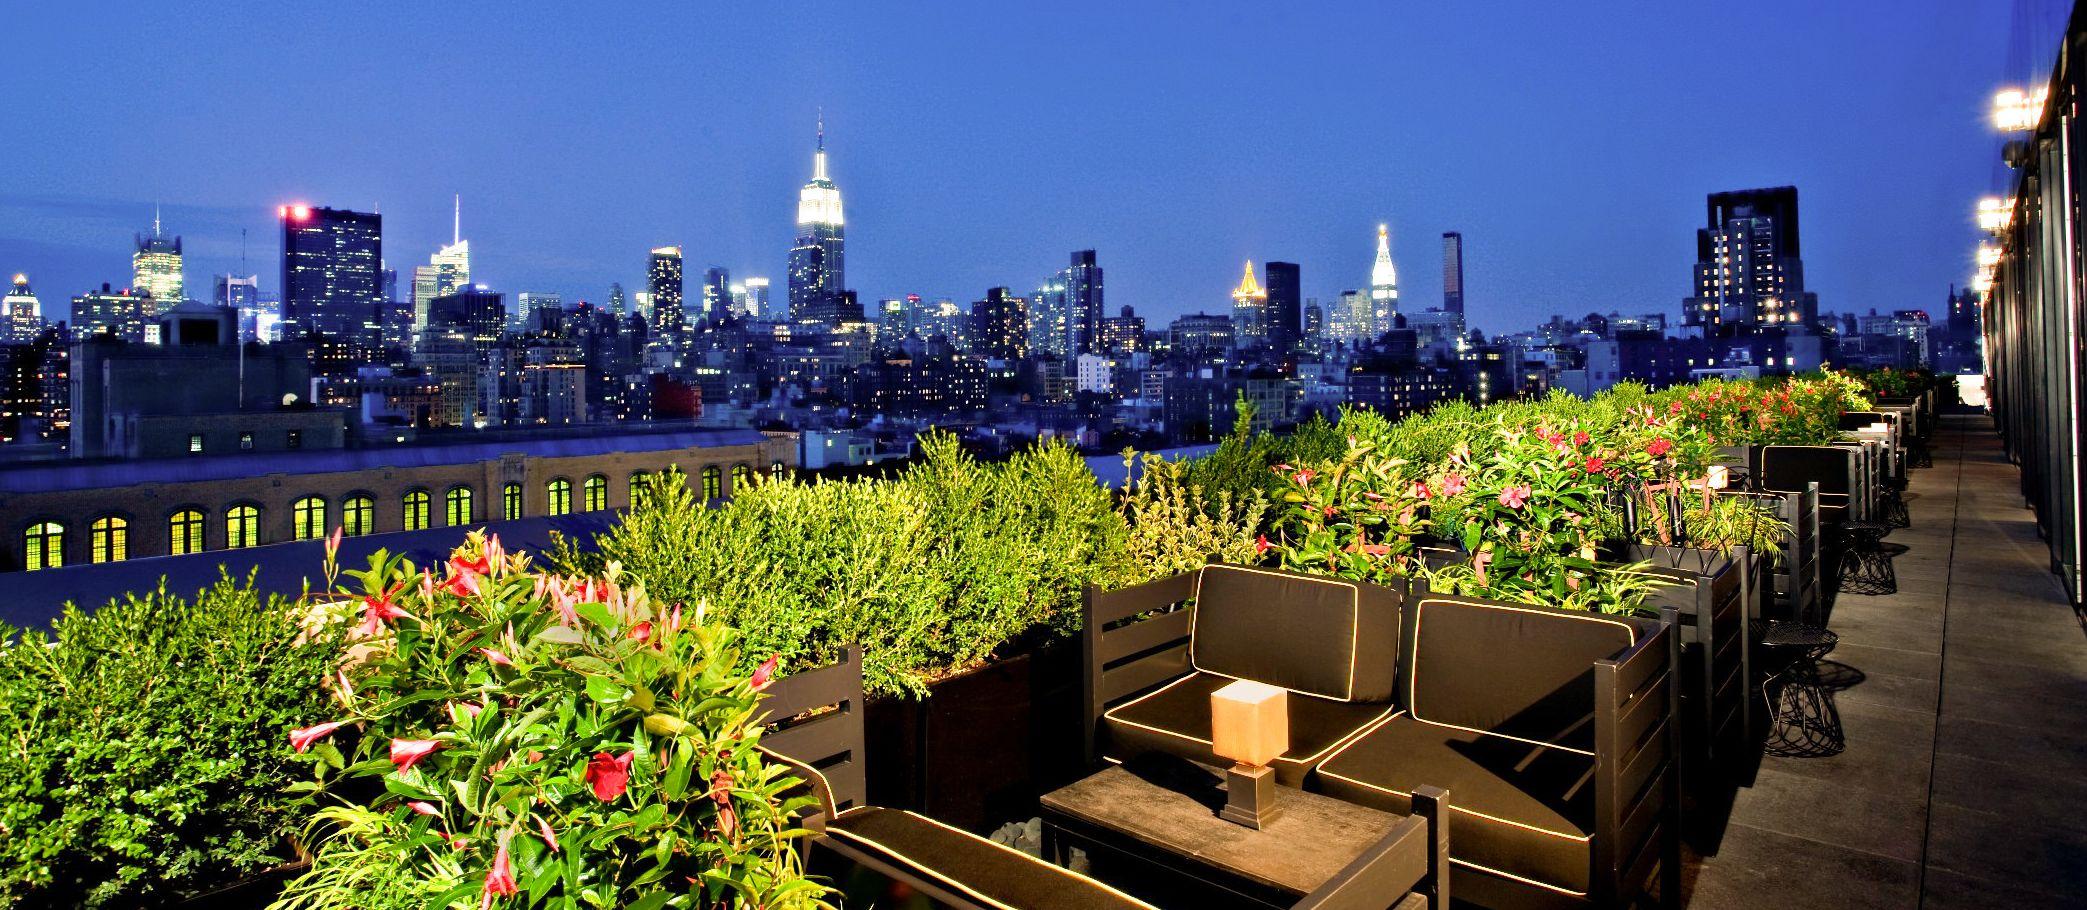 Die Terrasse des Dream Downtown in New York bei Nacht